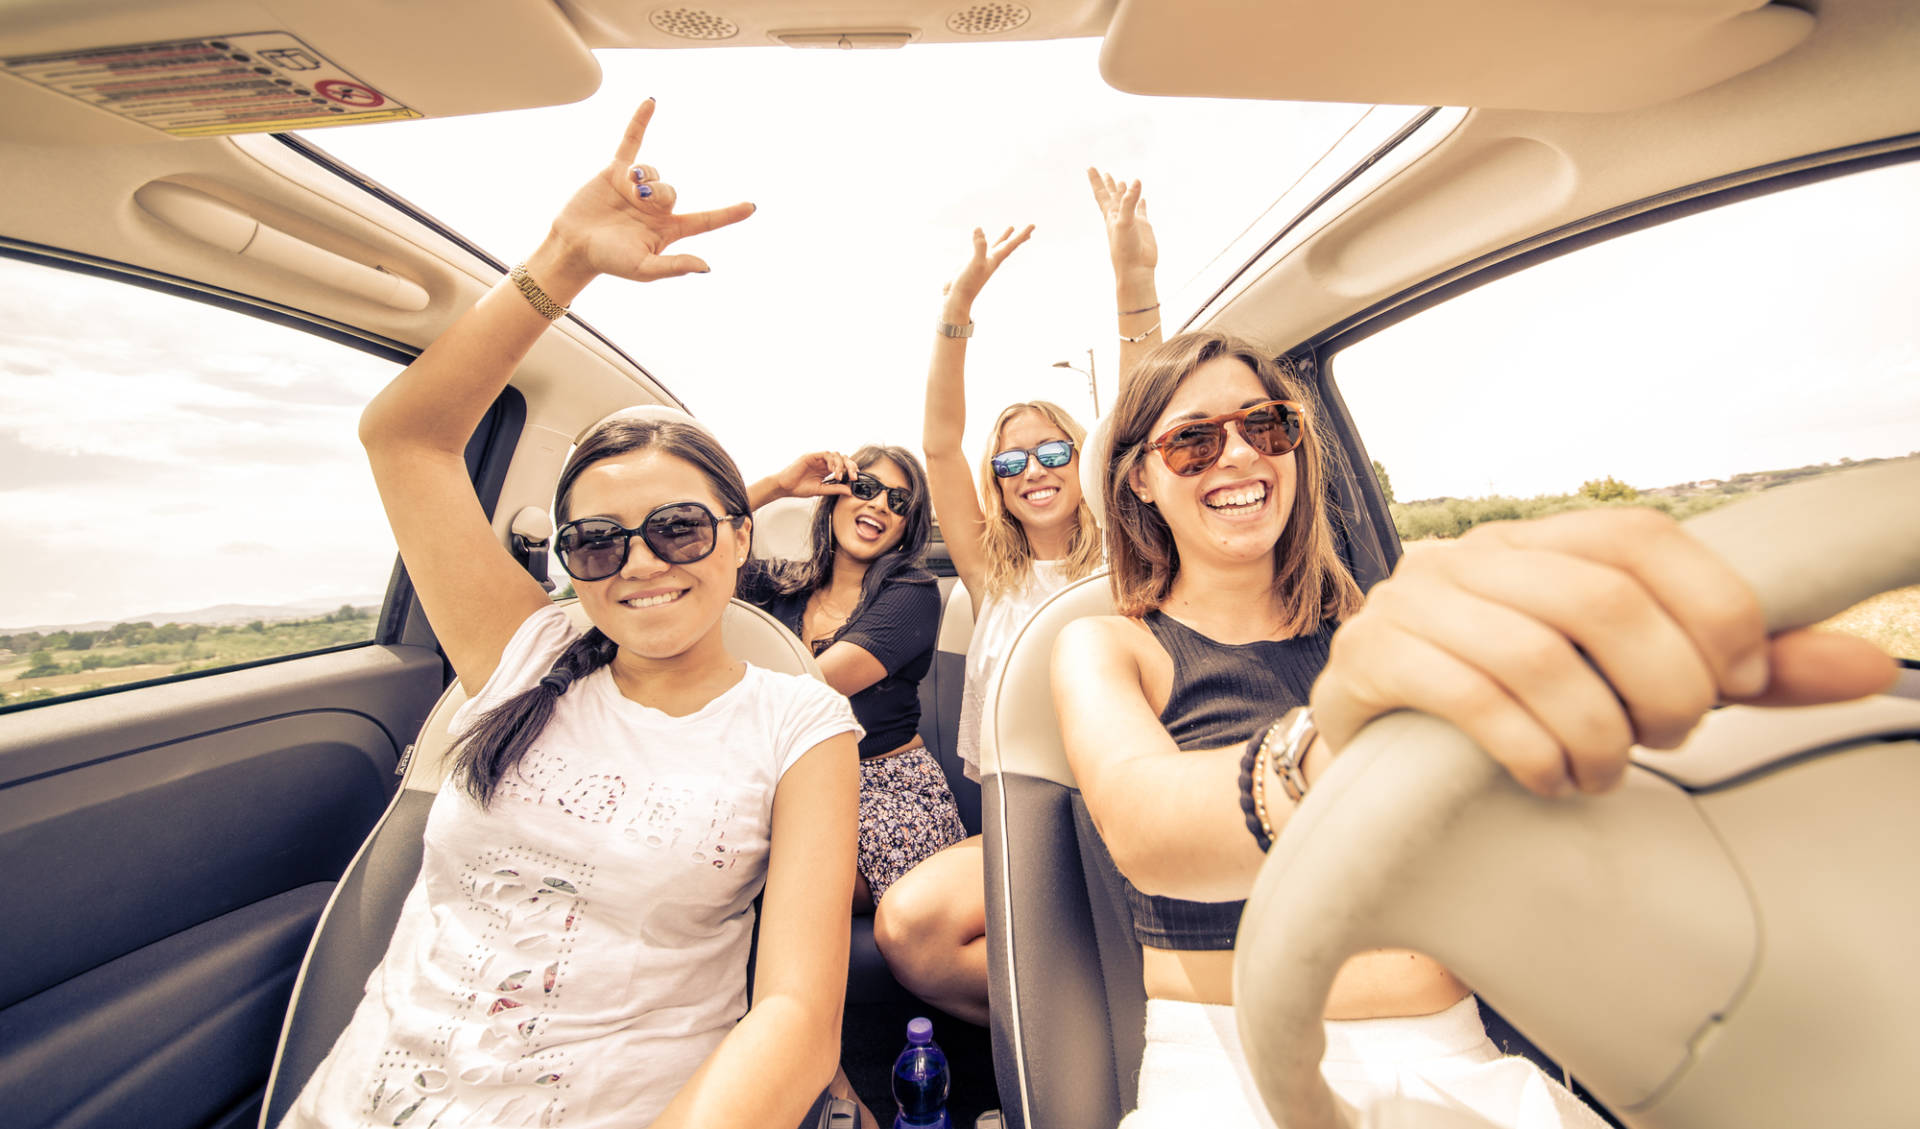 Le canzoni più ascoltate in auto: ecco la classifica Waze e Spotify